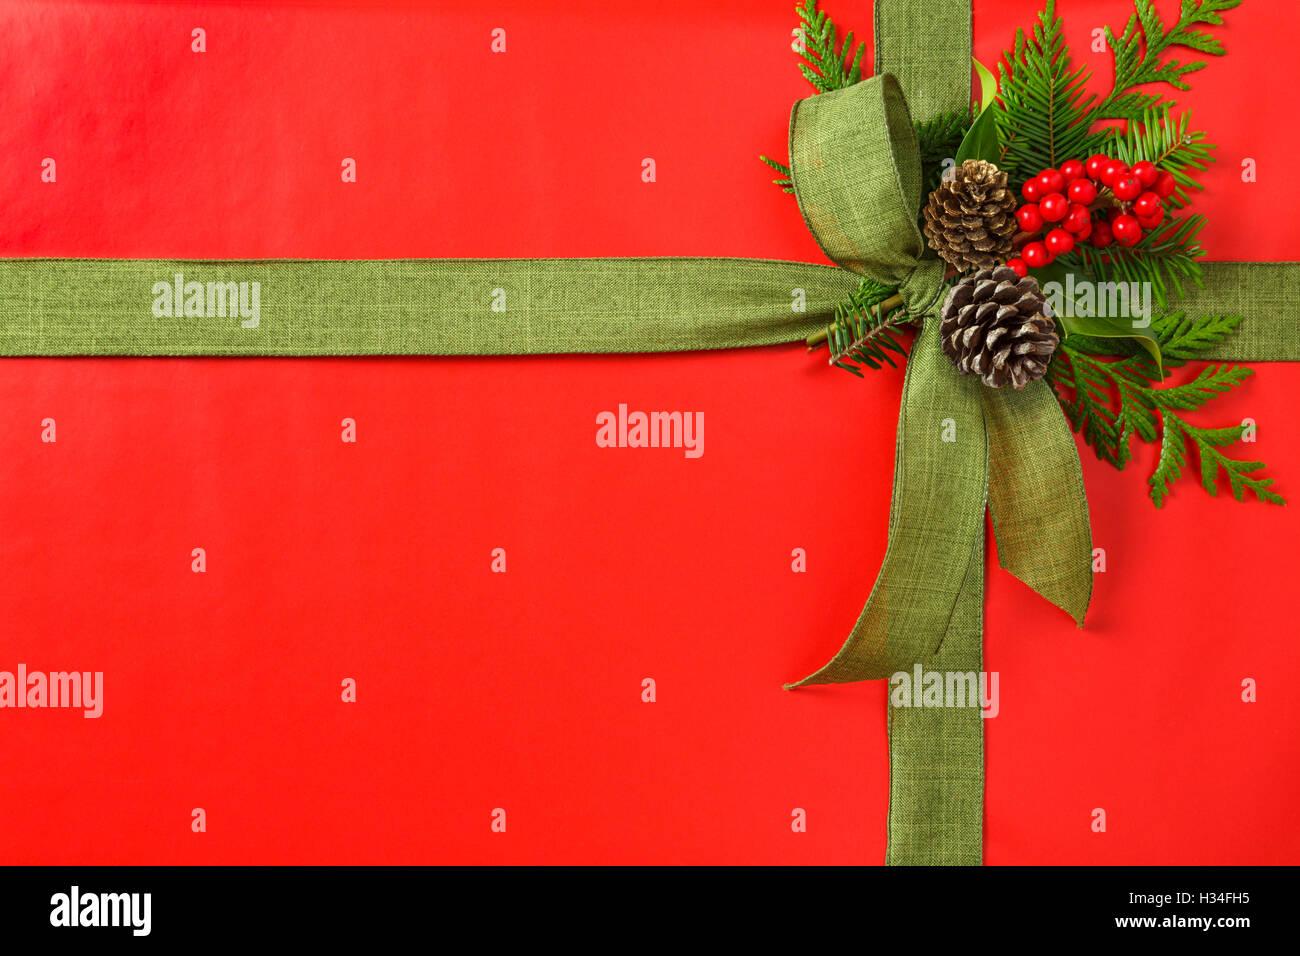 Klassische rote und grüne Weihnachts-Geschenk Weihnachtsgeschenk mit ...